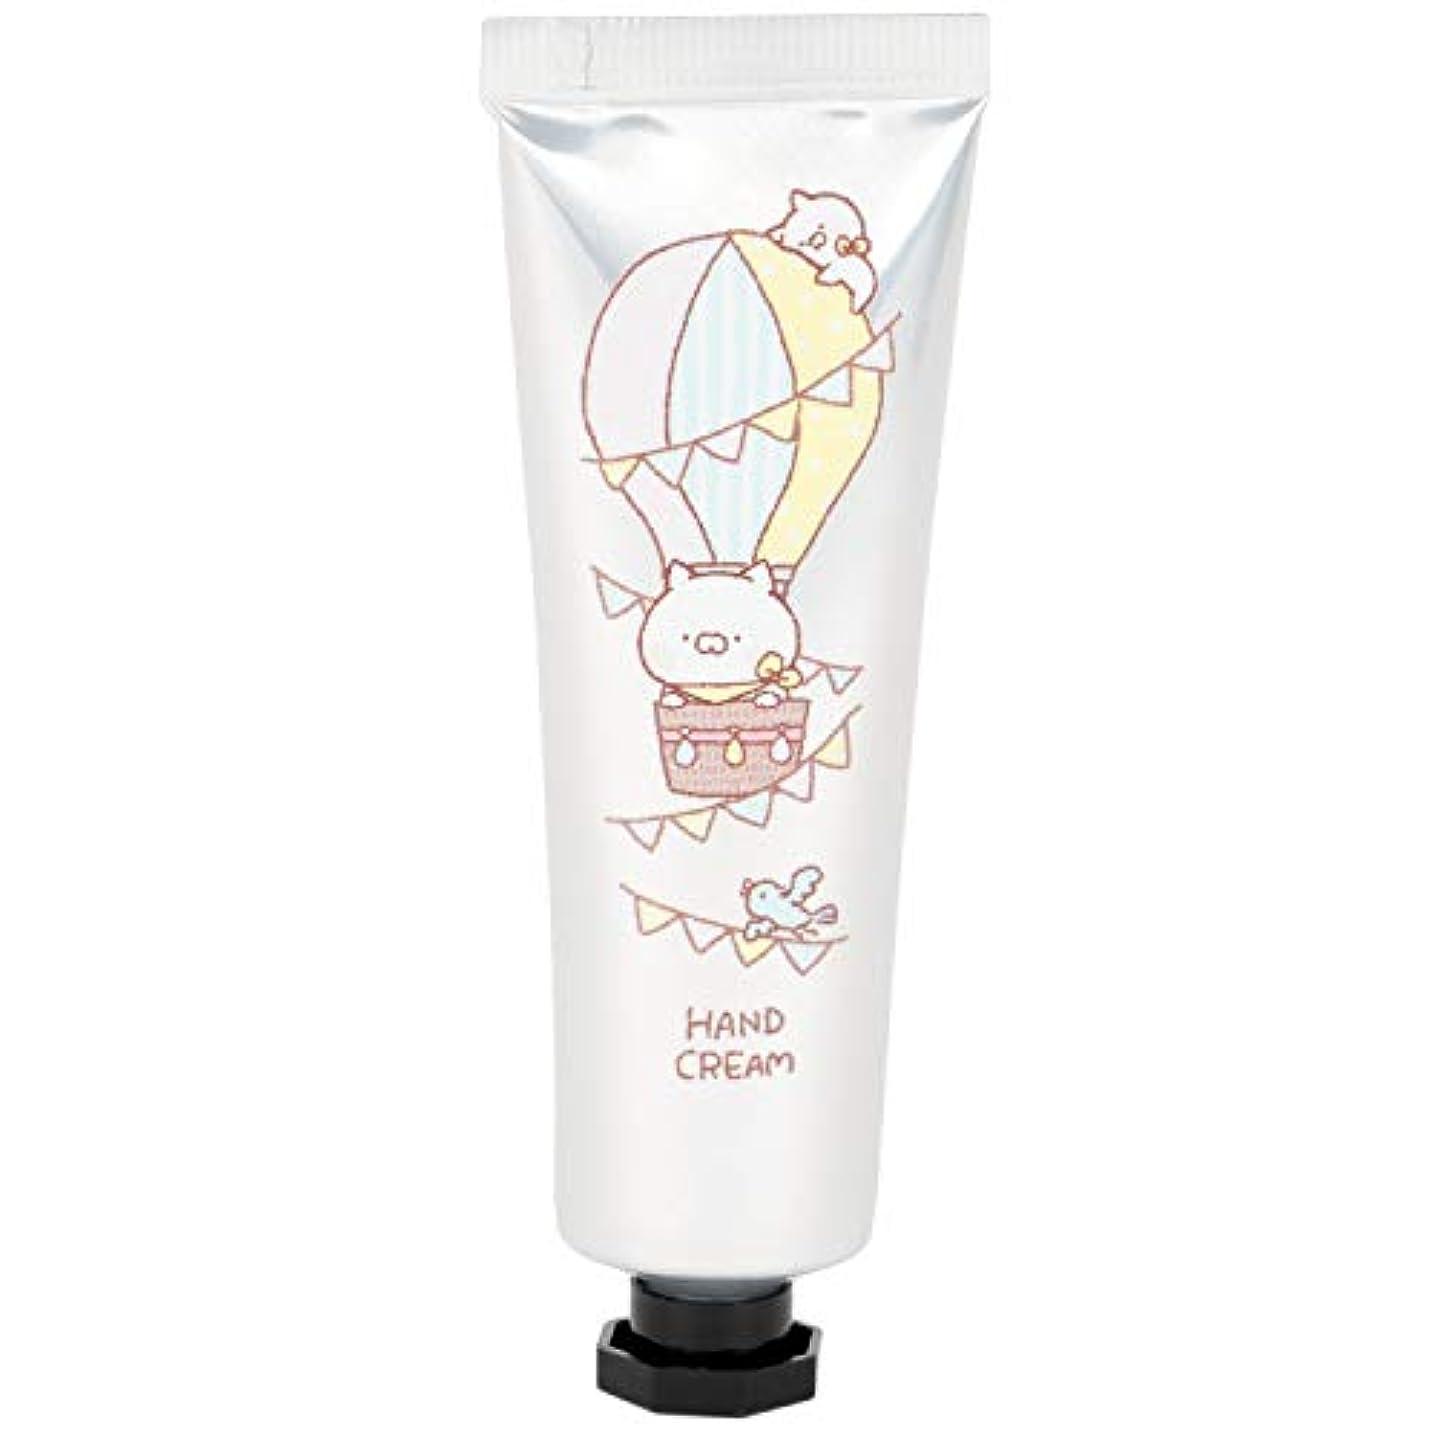 一般的に言えば指紋仲間こどもにゃんこ ハンドクリーム 保湿成分配合 ラズベリーの香り 27g ABD-063-001